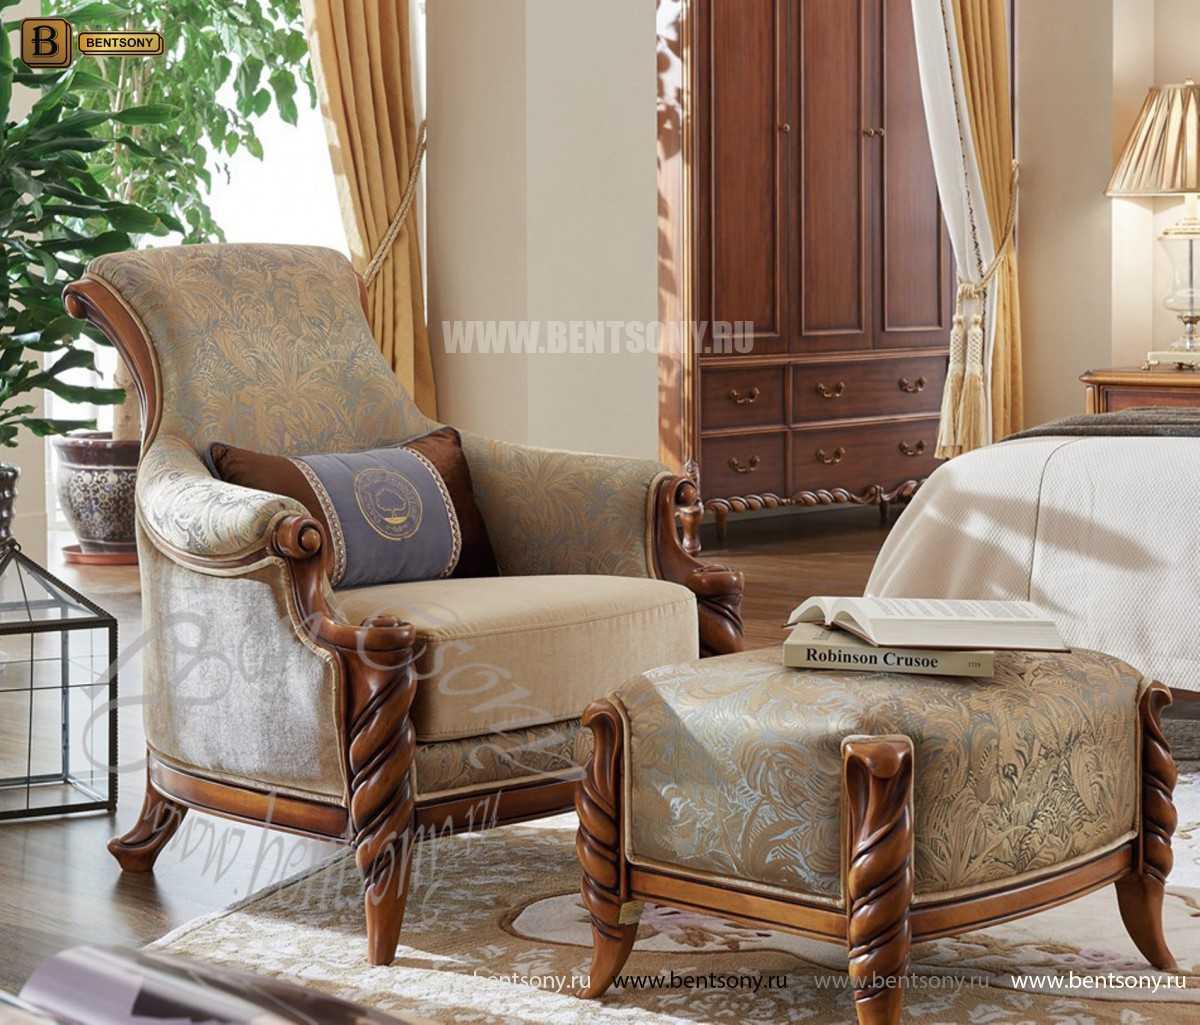 Кресло классическое для отдыха Лоренс с подушкой (Ткань) каталог мебели